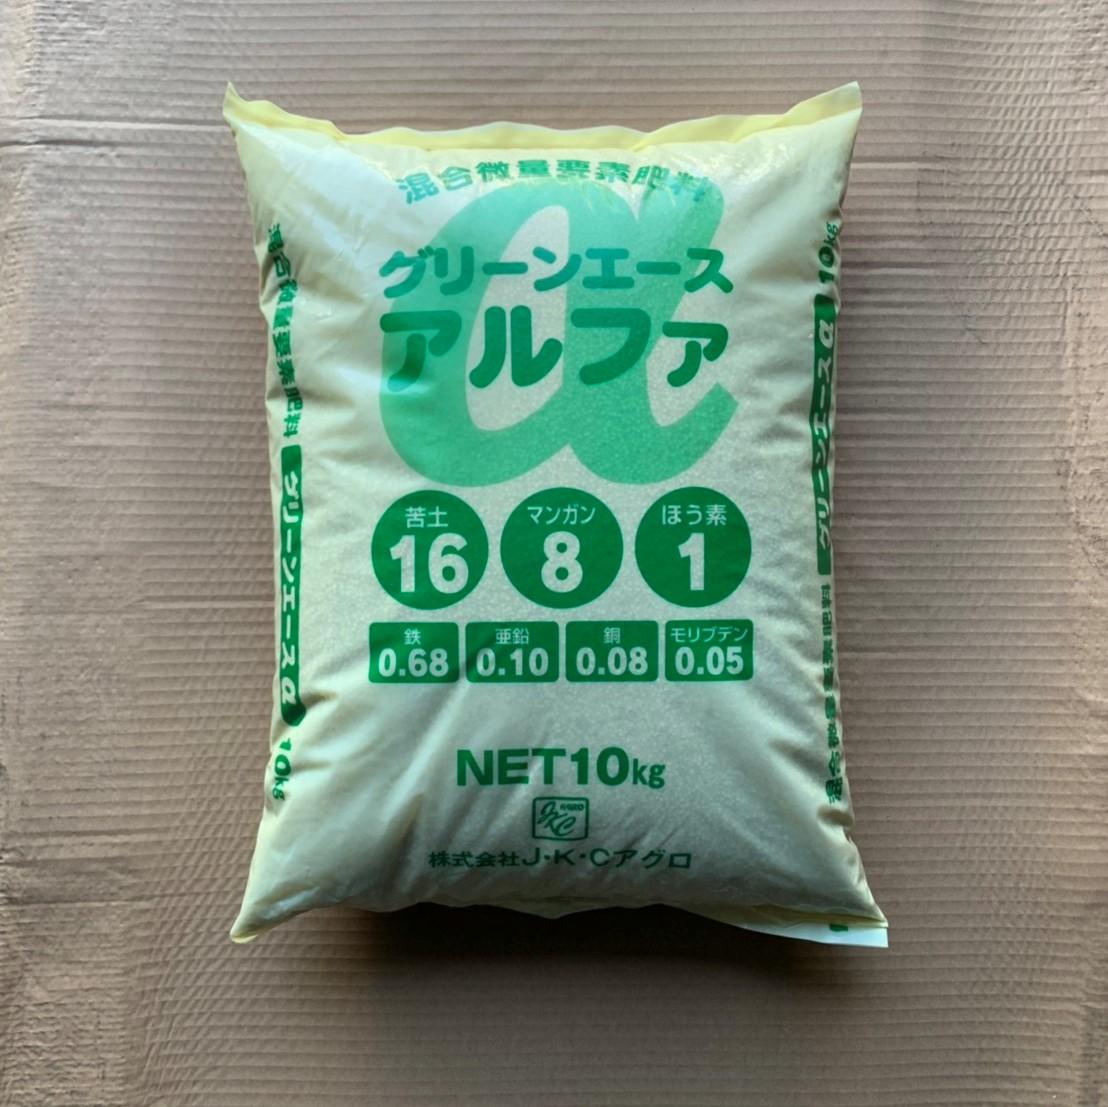 微量要素のみを多量に含んでおります。10kg入り。中国製です。 混合微量要素肥料 粒状 グリーンエースα(アルファ) 10kg